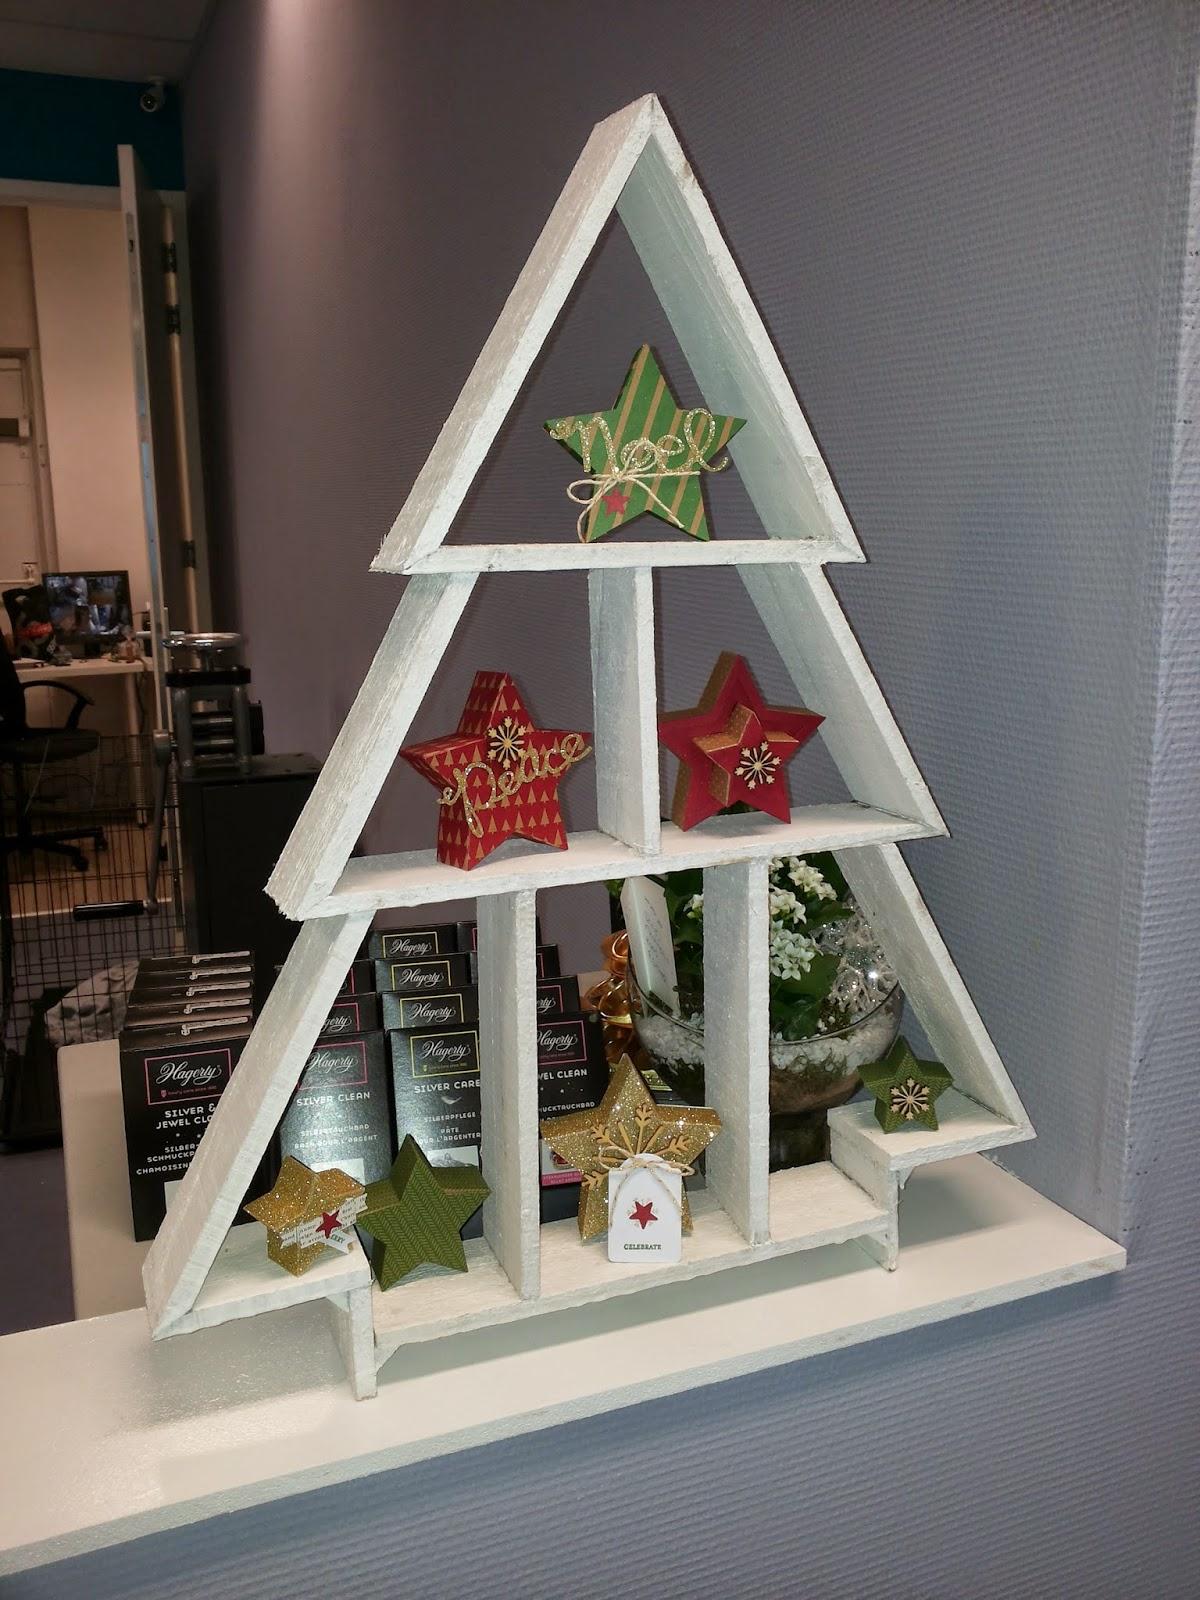 Stamp my dream many merry stars ter decoratie in de winkel van mijn schoondochter kelly - Decoratie terrace ...